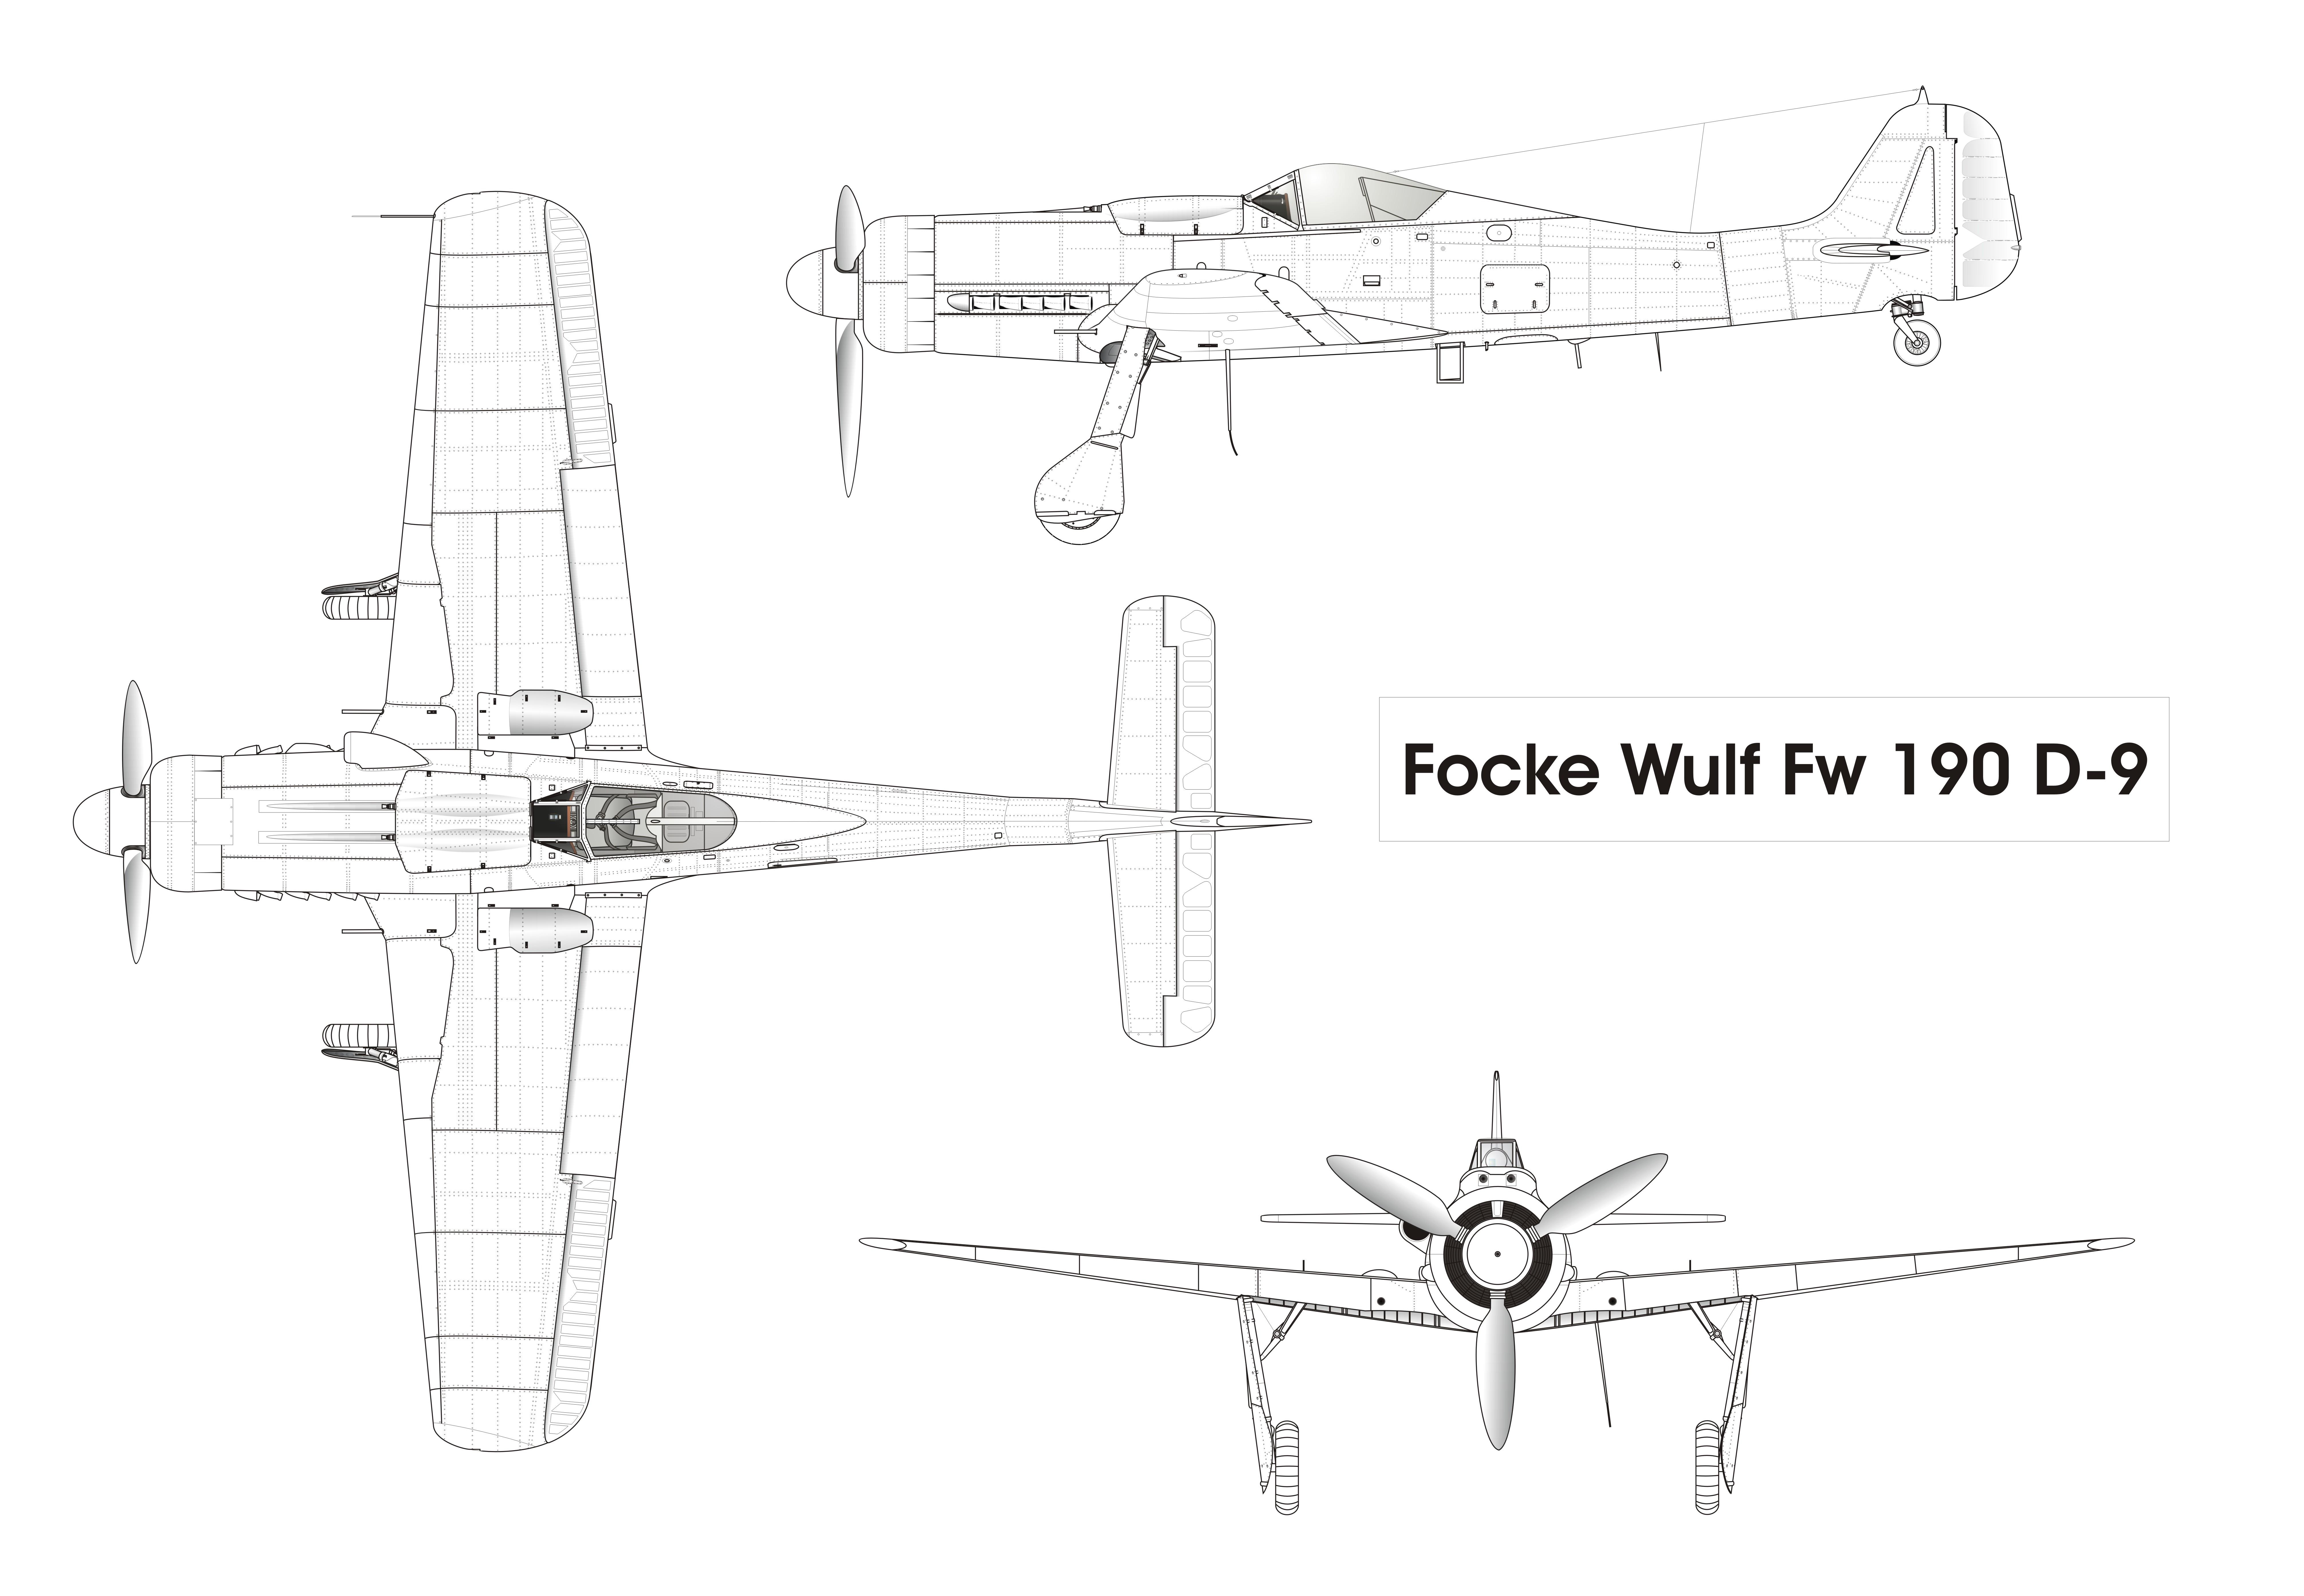 focke wulf fw 190 a auto electrical wiring diagram